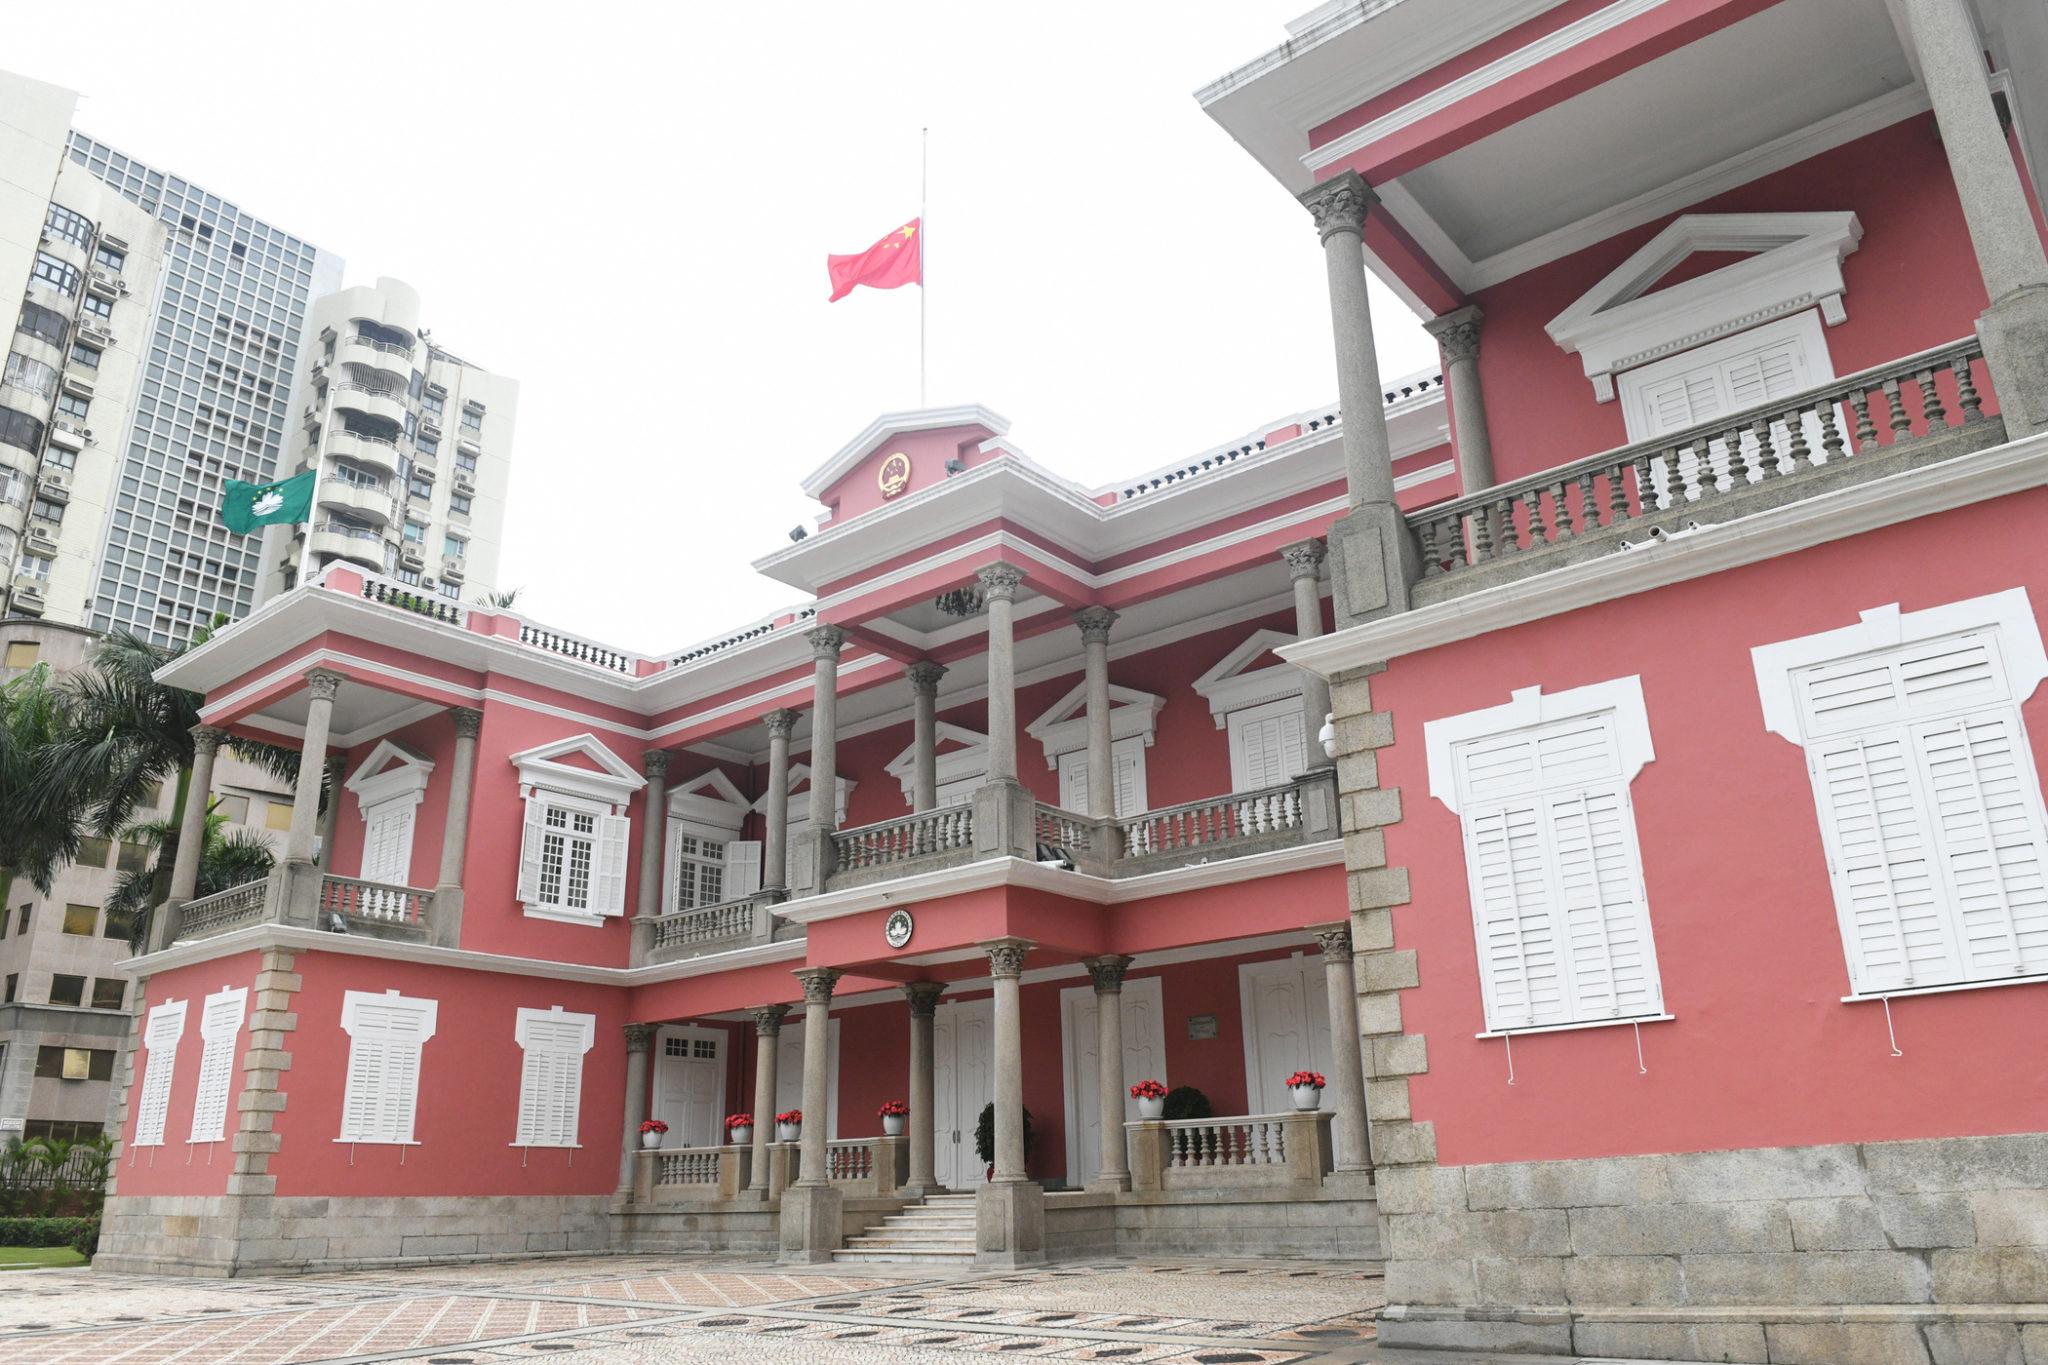 LAG | Reforma da Administração Pública em consulta este ano